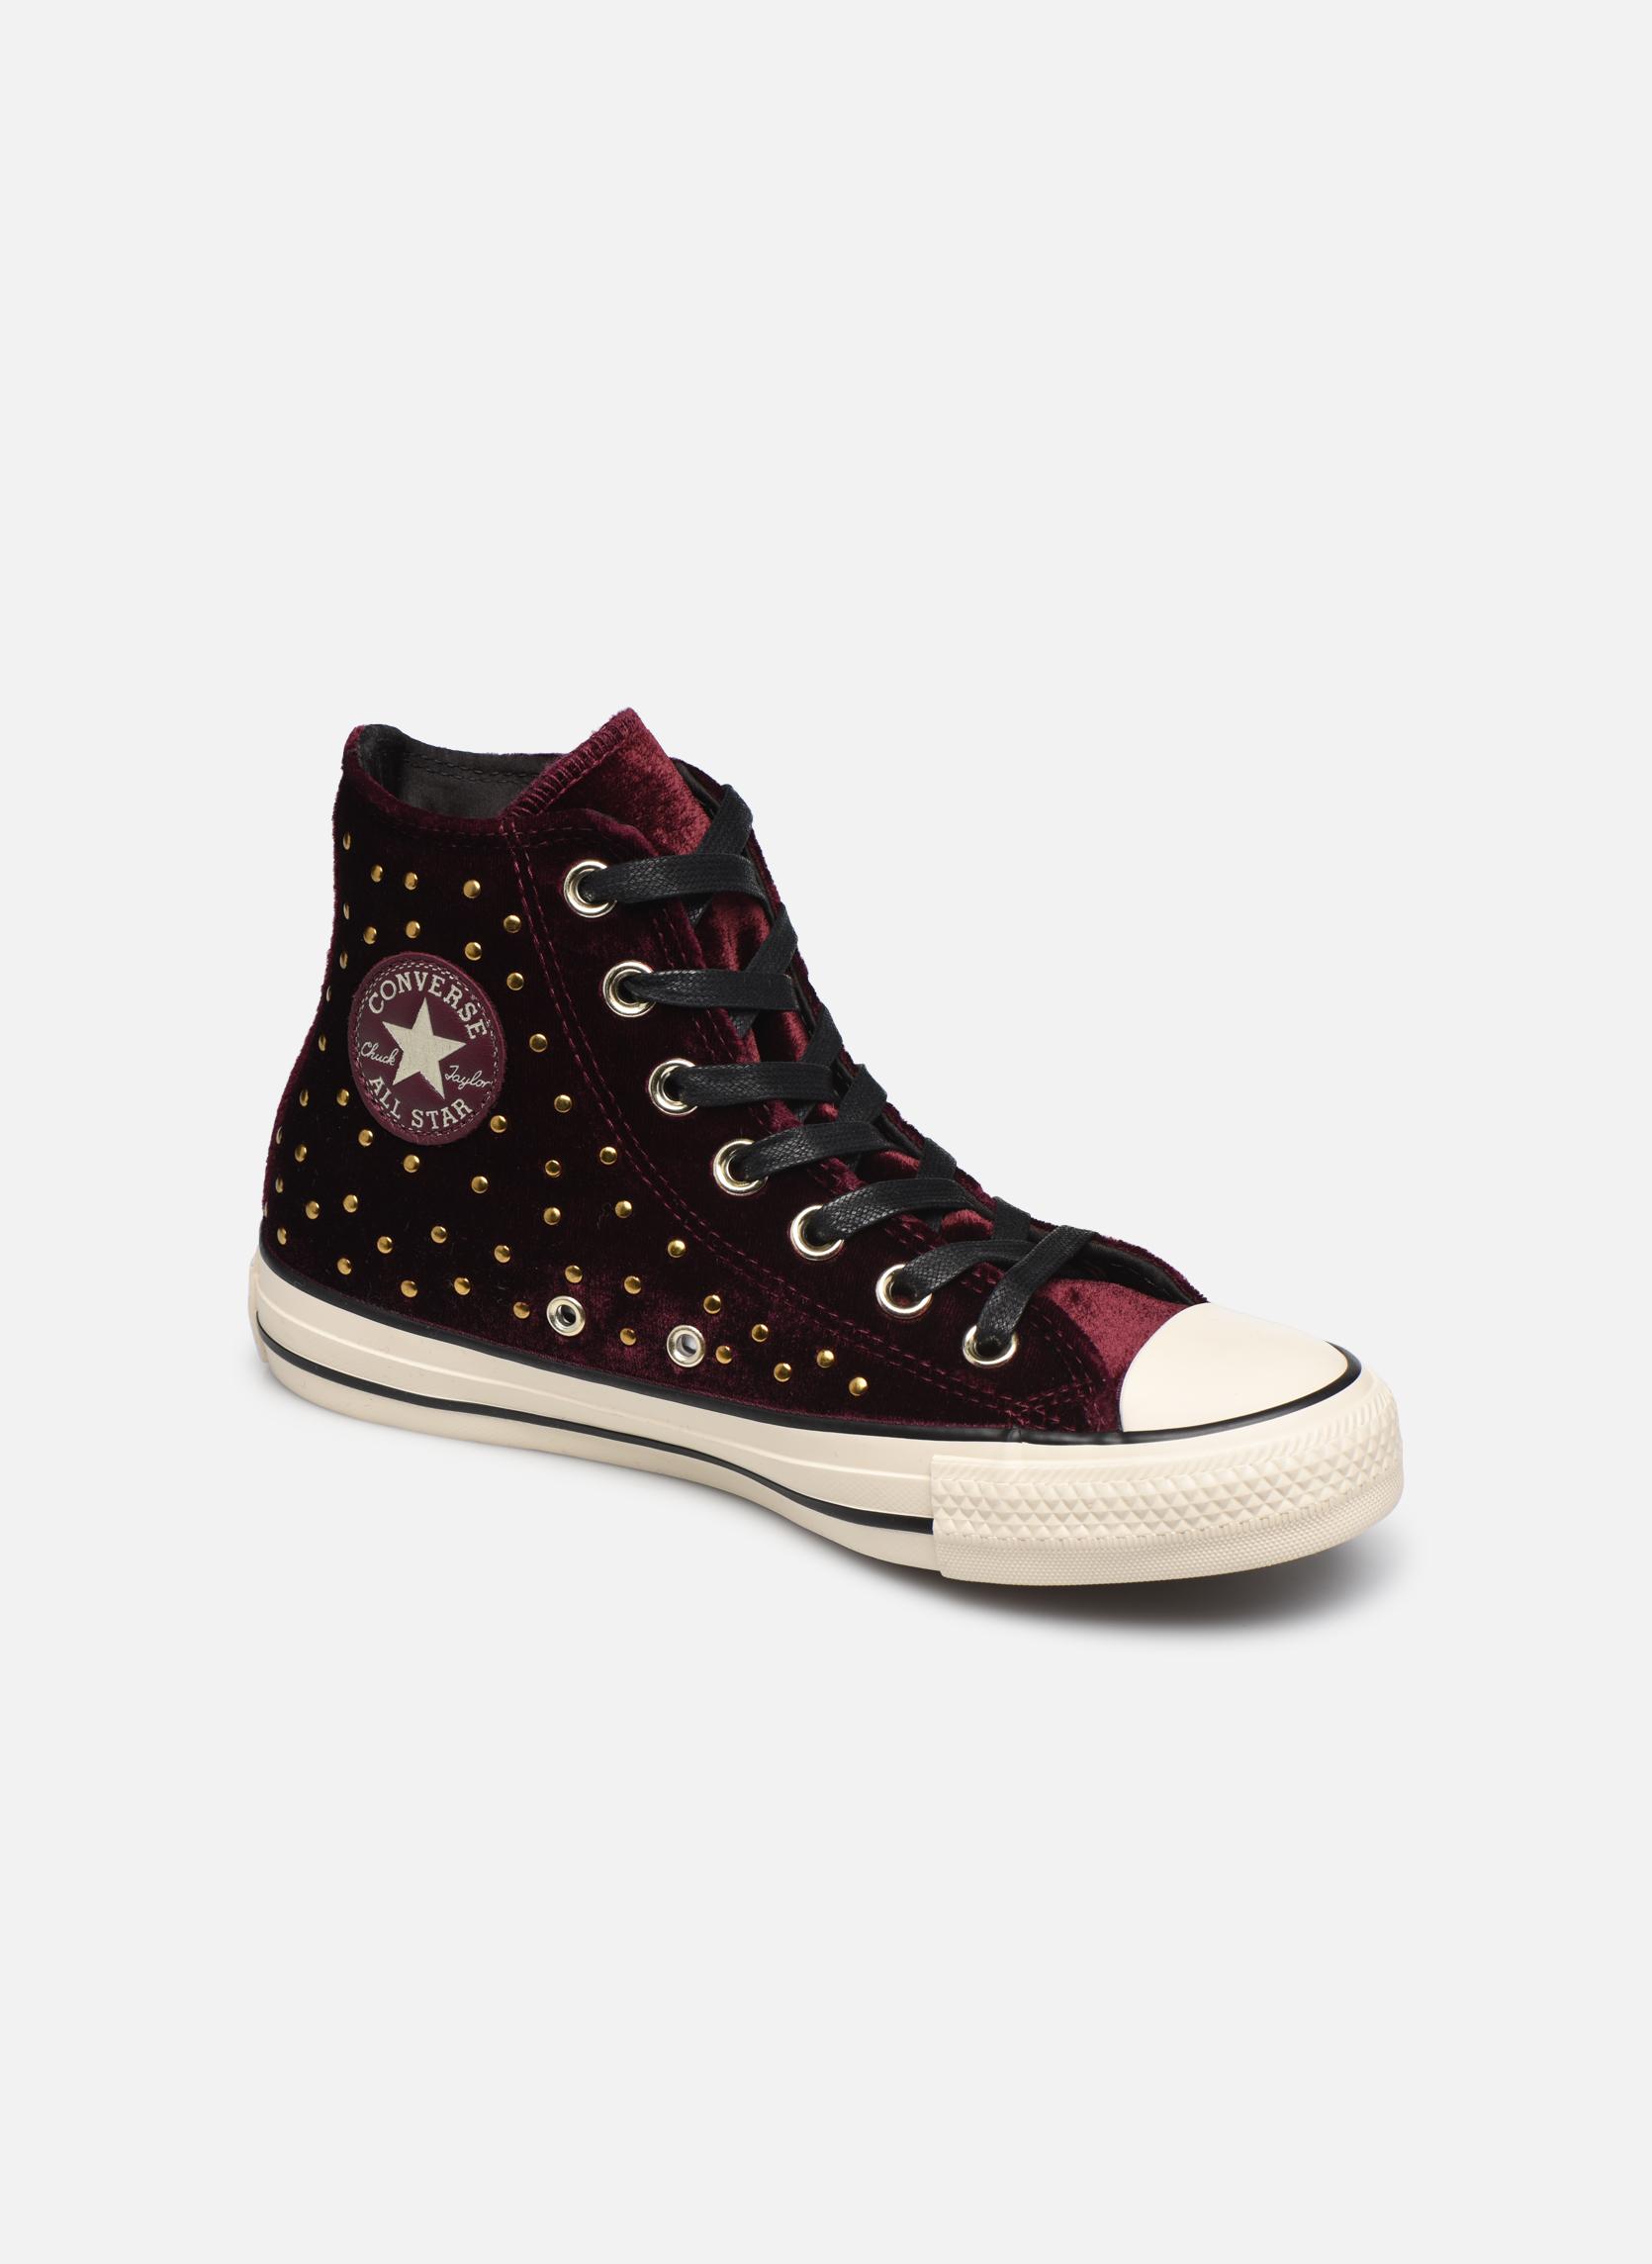 b3addb4e1 Grandes descuentos últimos zapatos Converse Chuck Taylor All Star Velvet  Studs Hi (Vino) -